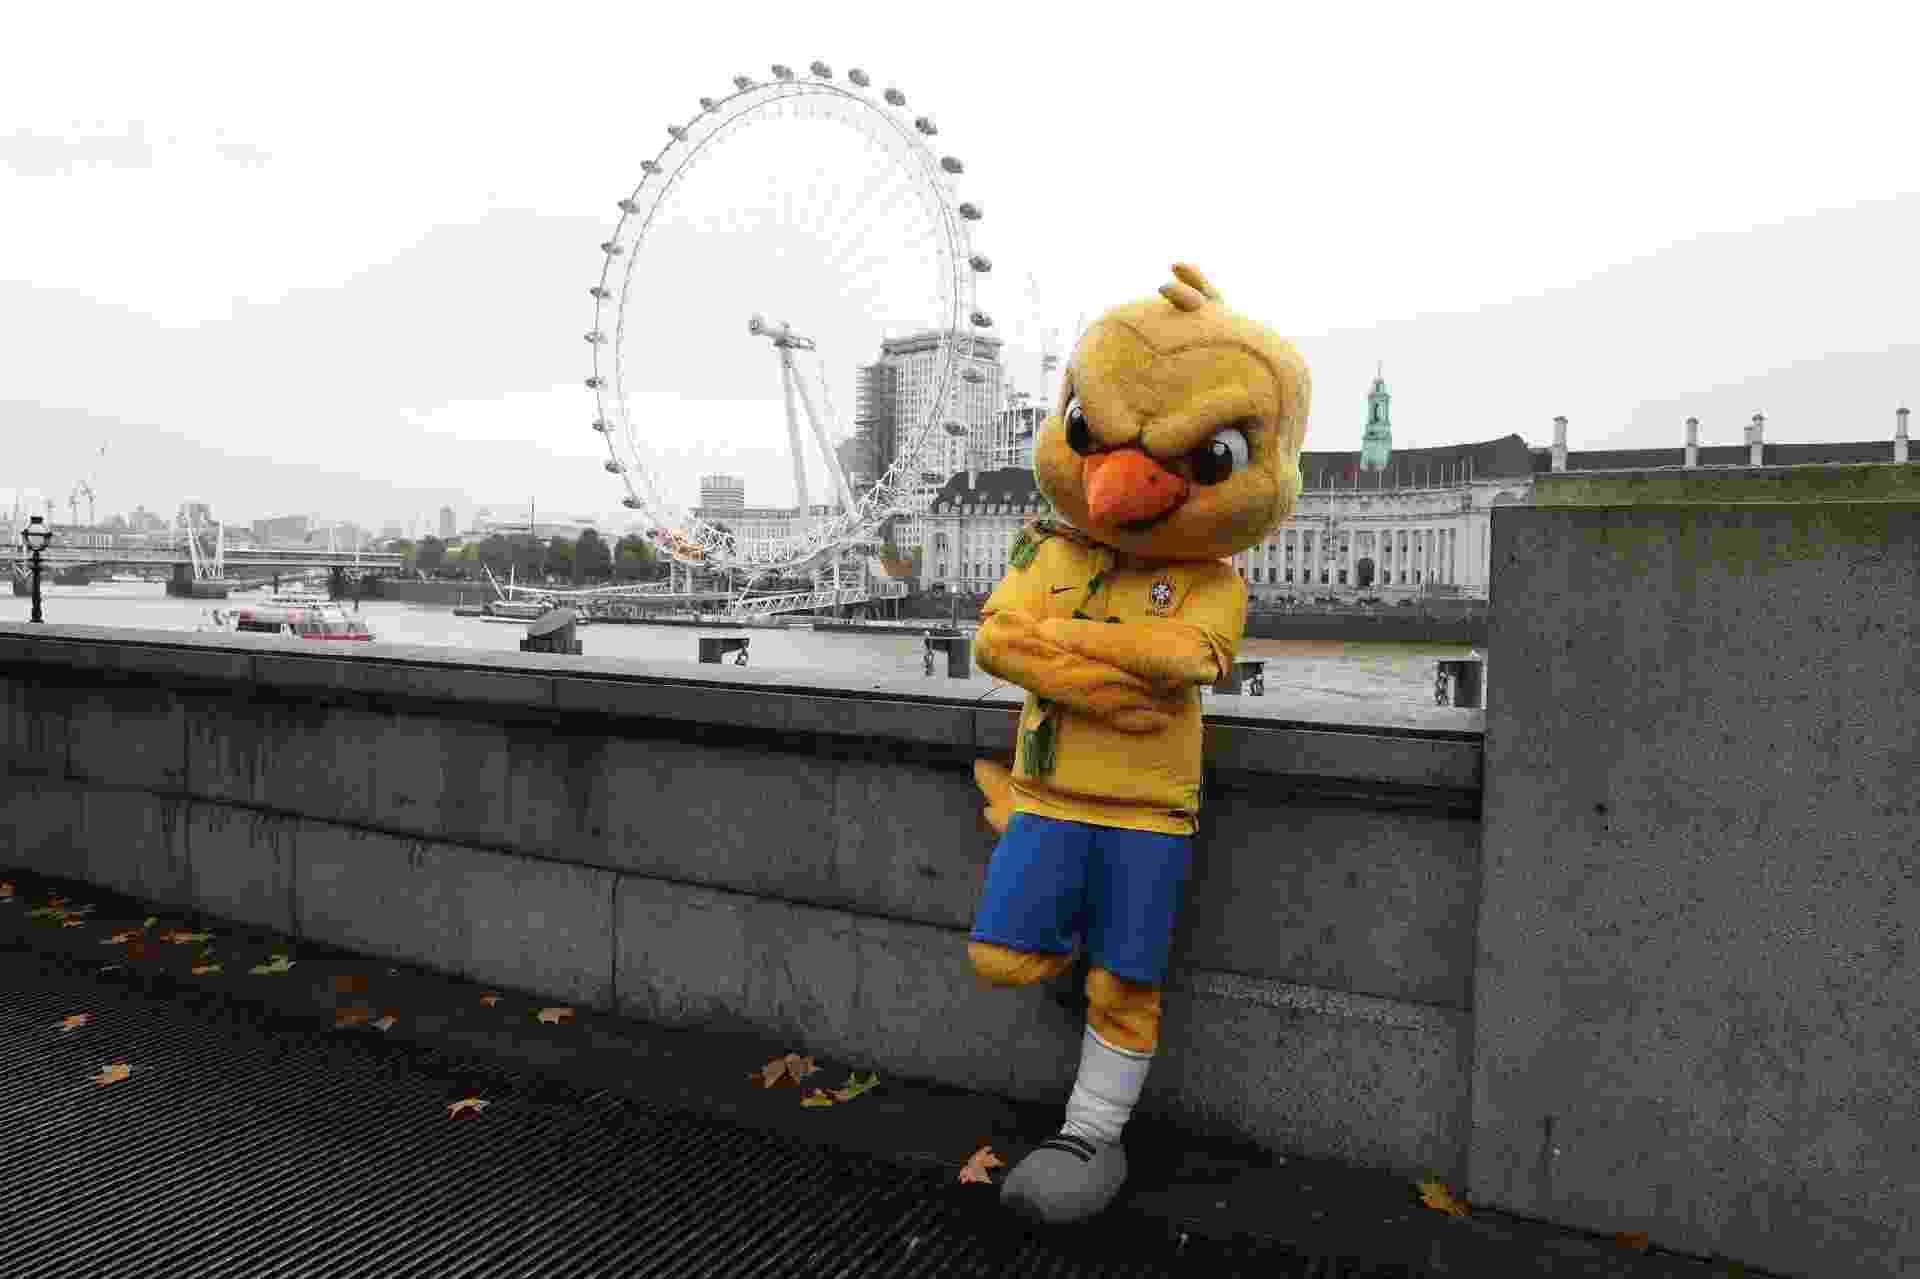 """O Canarinho """"pistola"""", como ficou conhecido, roubou a cena em Londres. Nem a roda London Eye escapou - Lucas Figueiredo/CBF"""